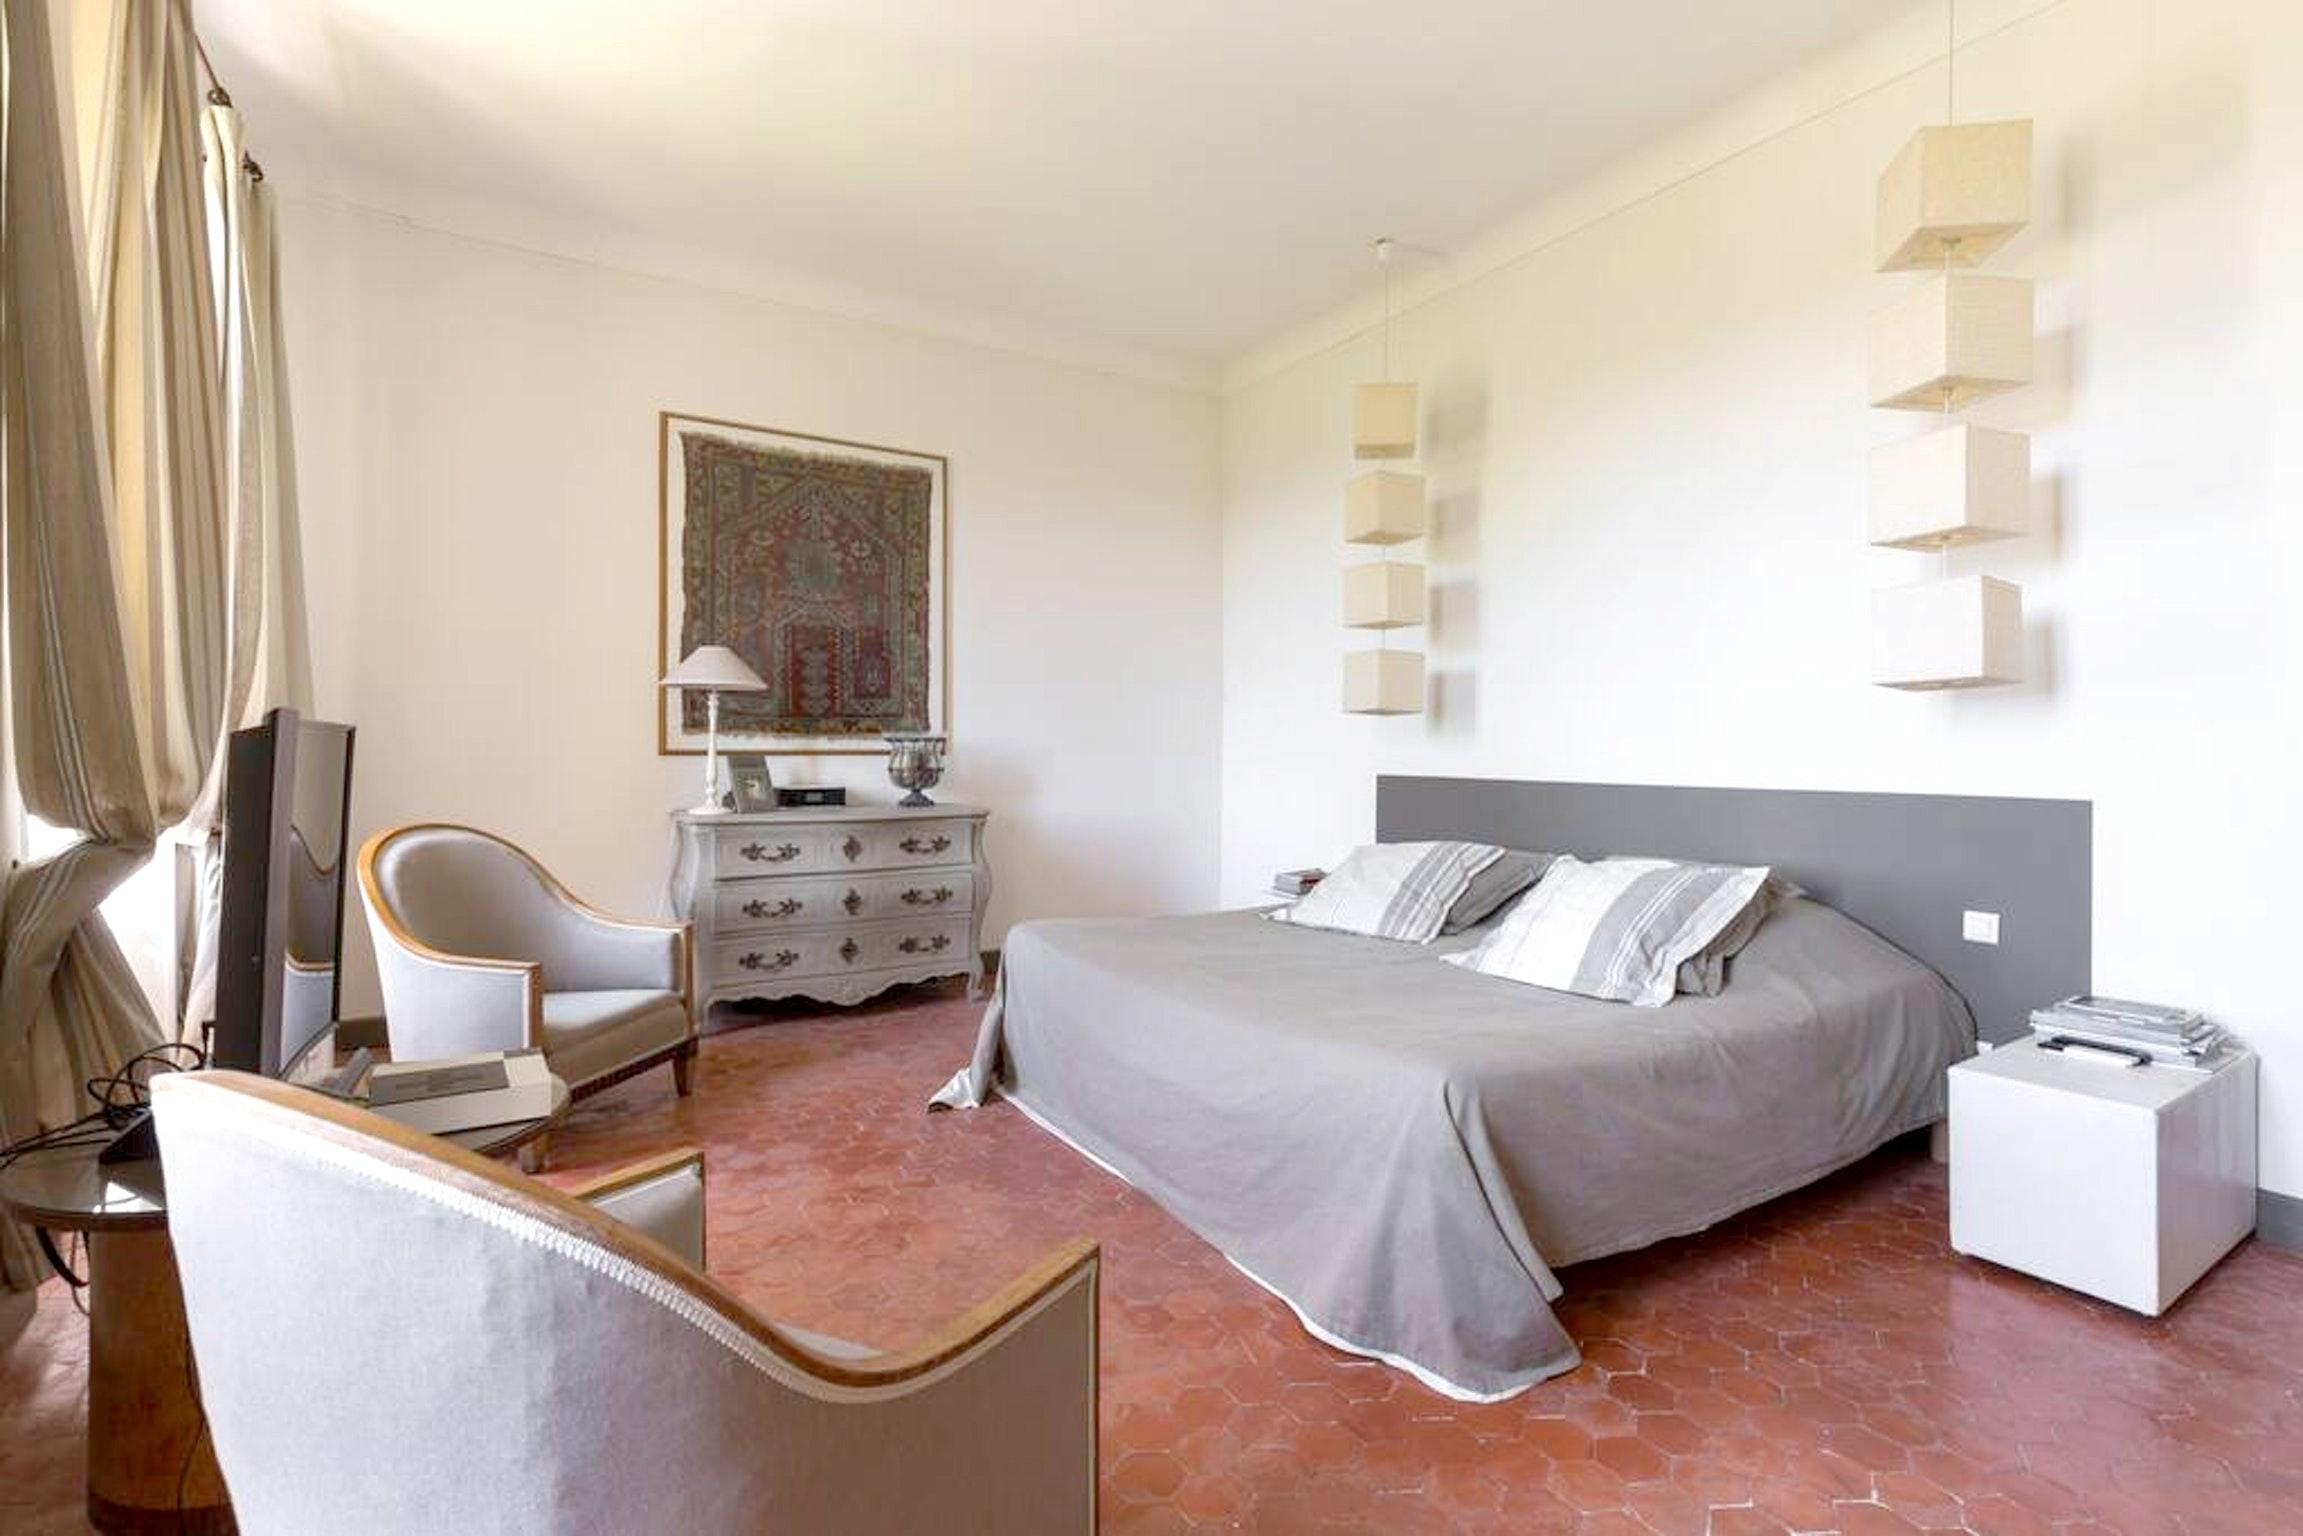 Maison de vacances Villa mit 6 Schlafzimmern in L'Isle-sur-la-Sorgue mit privatem Pool, möbliertem Garten und (2647203), L'Isle sur la Sorgue, Vaucluse, Provence - Alpes - Côte d'Azur, France, image 16